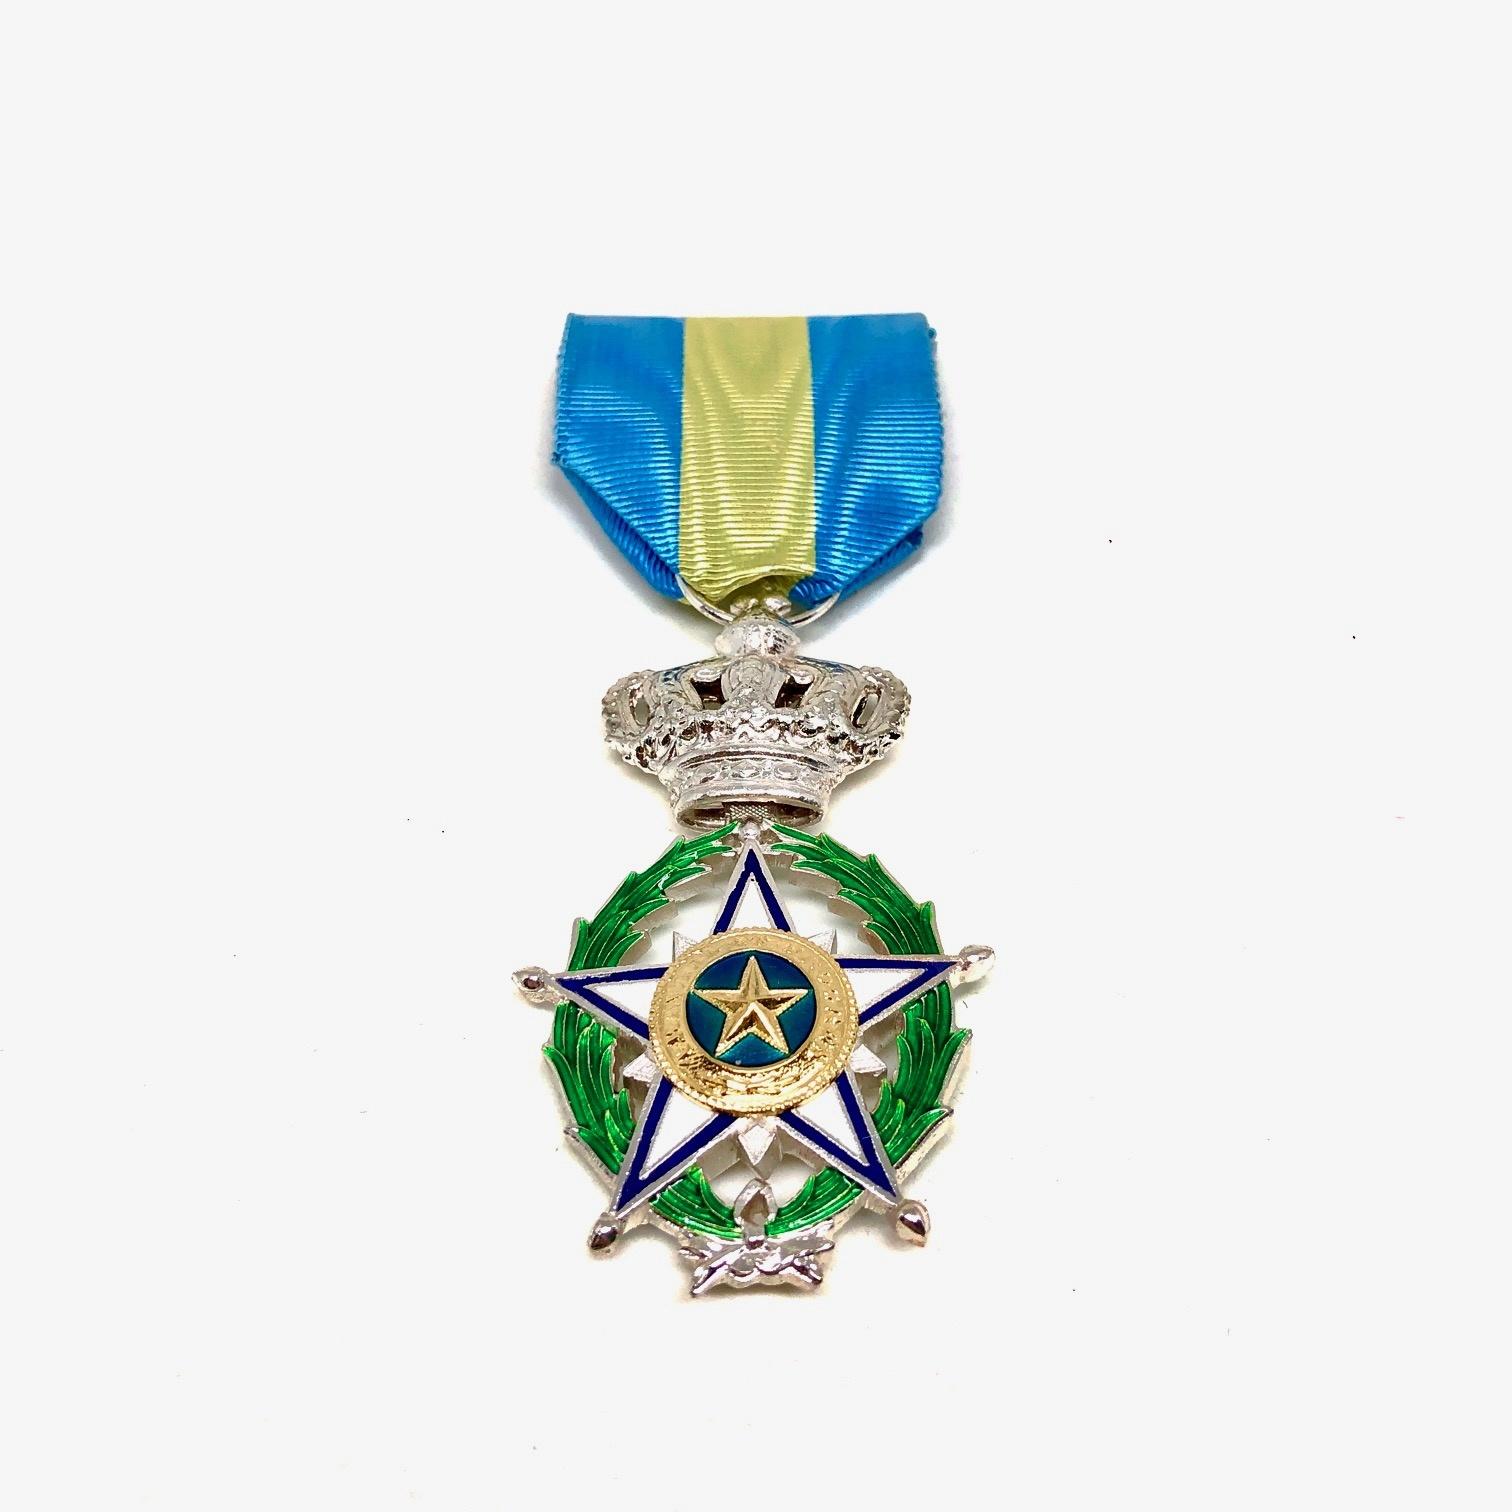 Ridder in de Orde van de Afrikaanse Ster